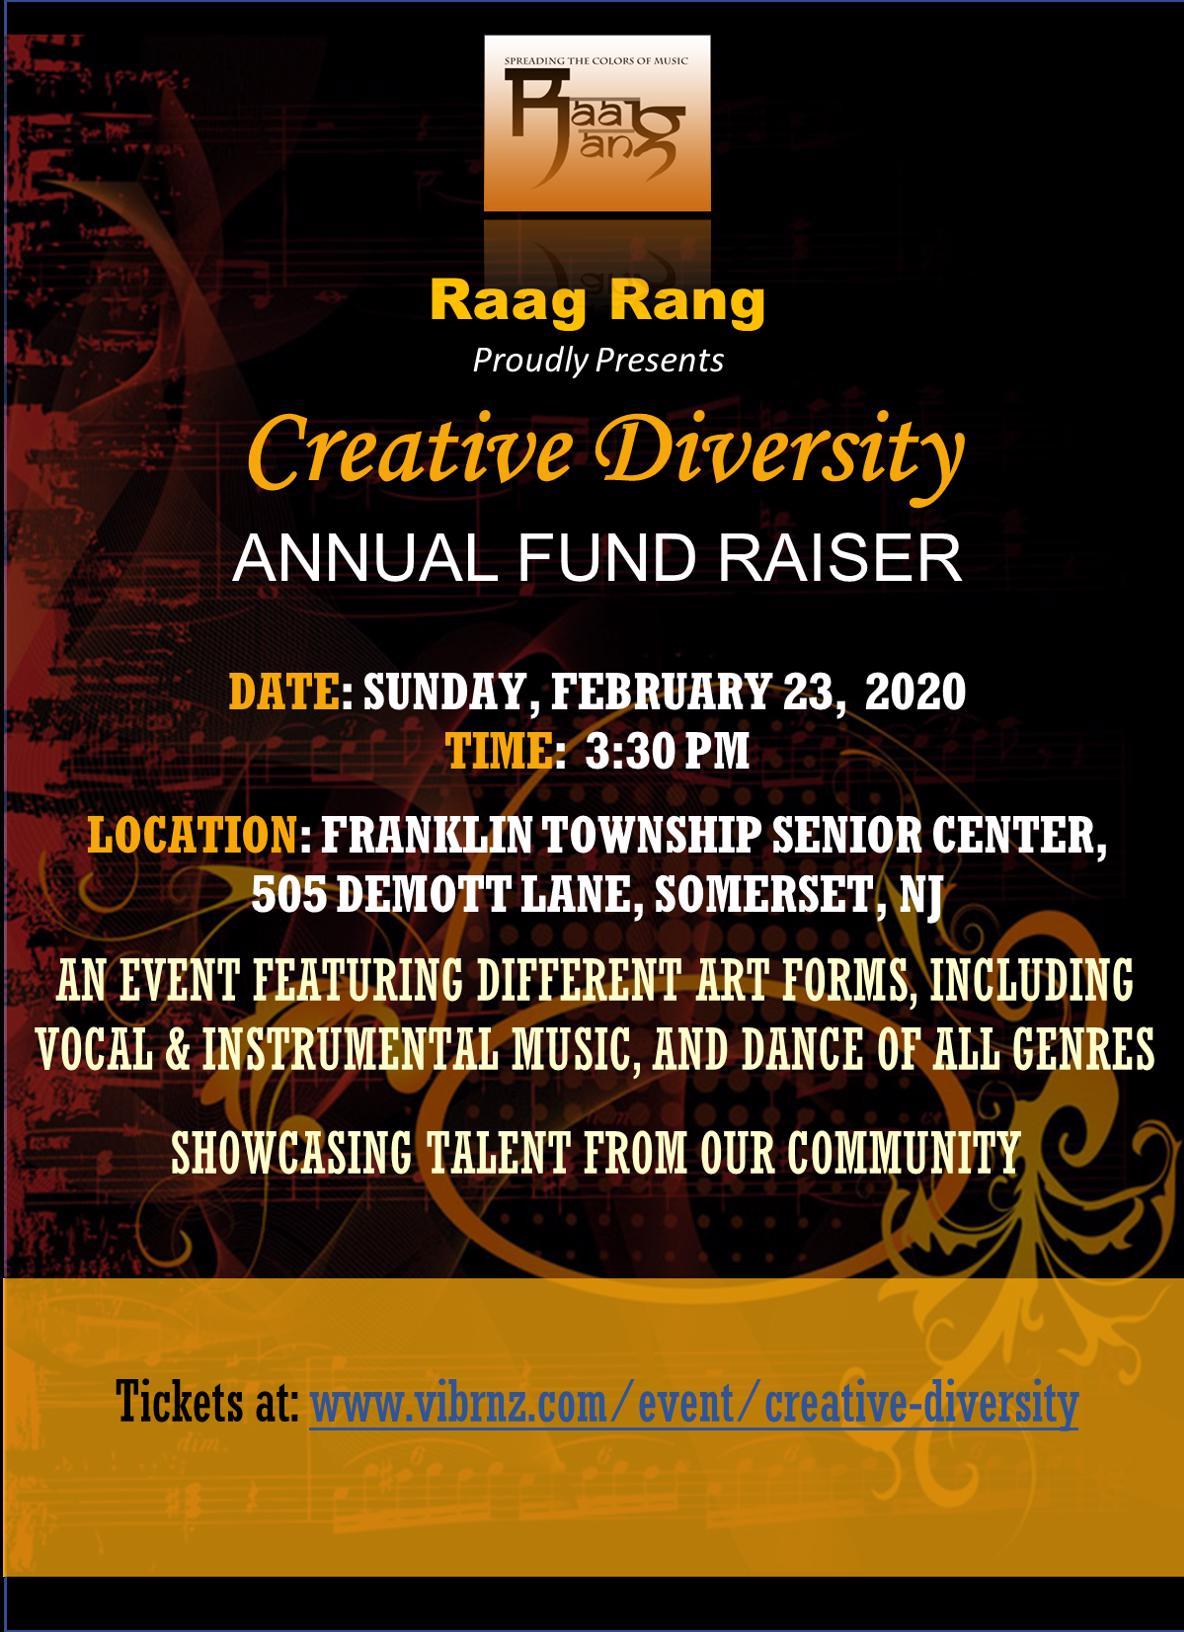 Raag rang event ticketing 1184x1632